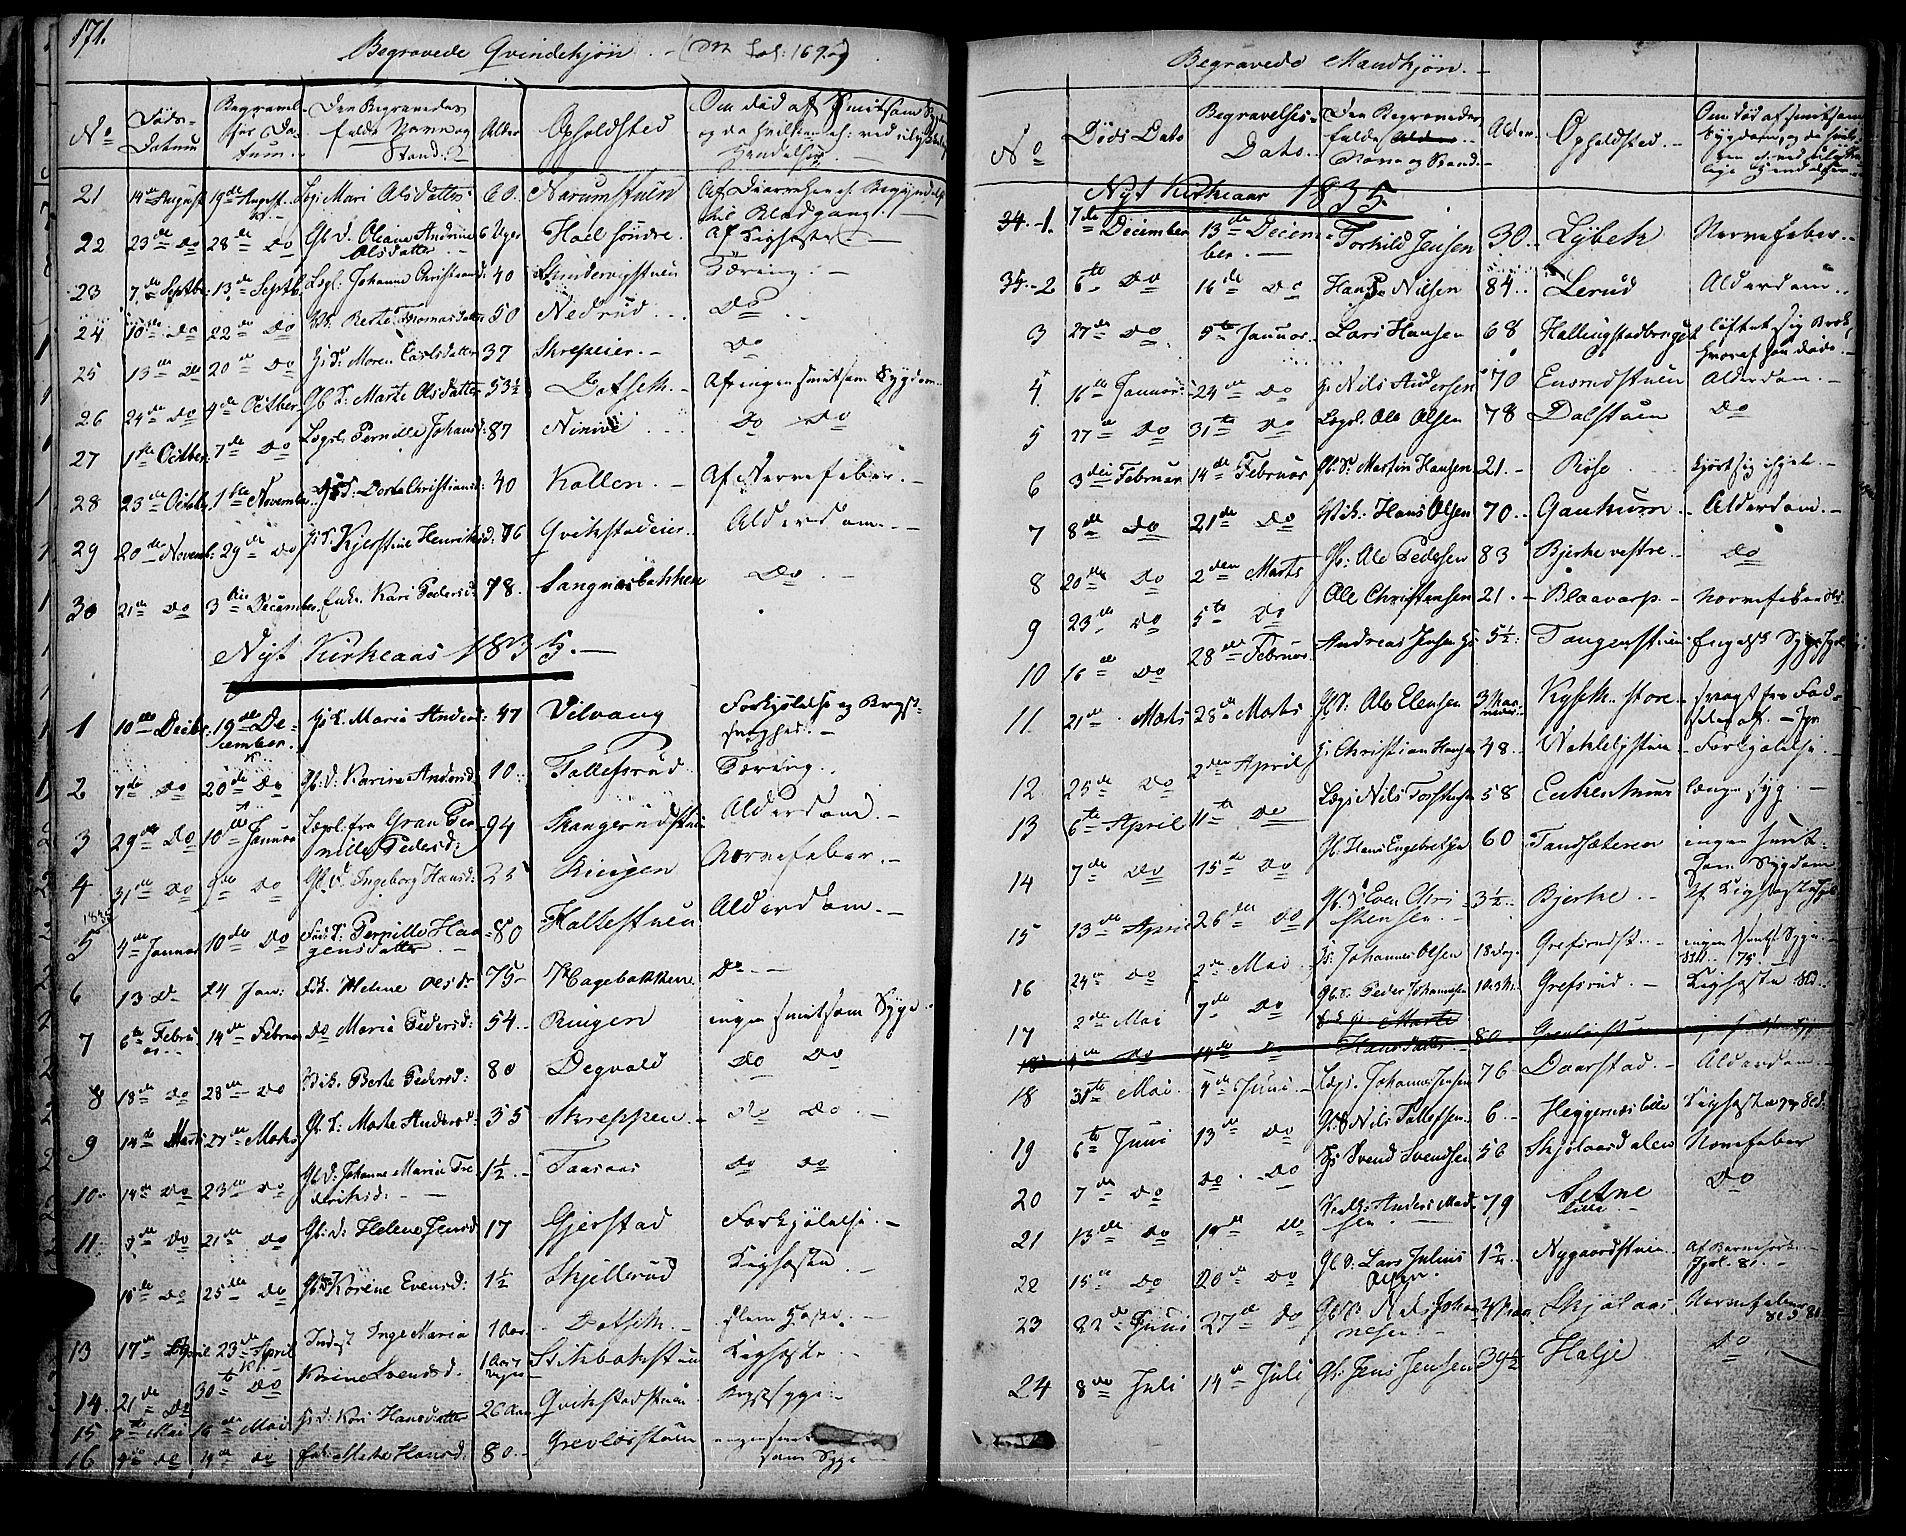 SAH, Vestre Toten prestekontor, Ministerialbok nr. 2, 1825-1837, s. 171